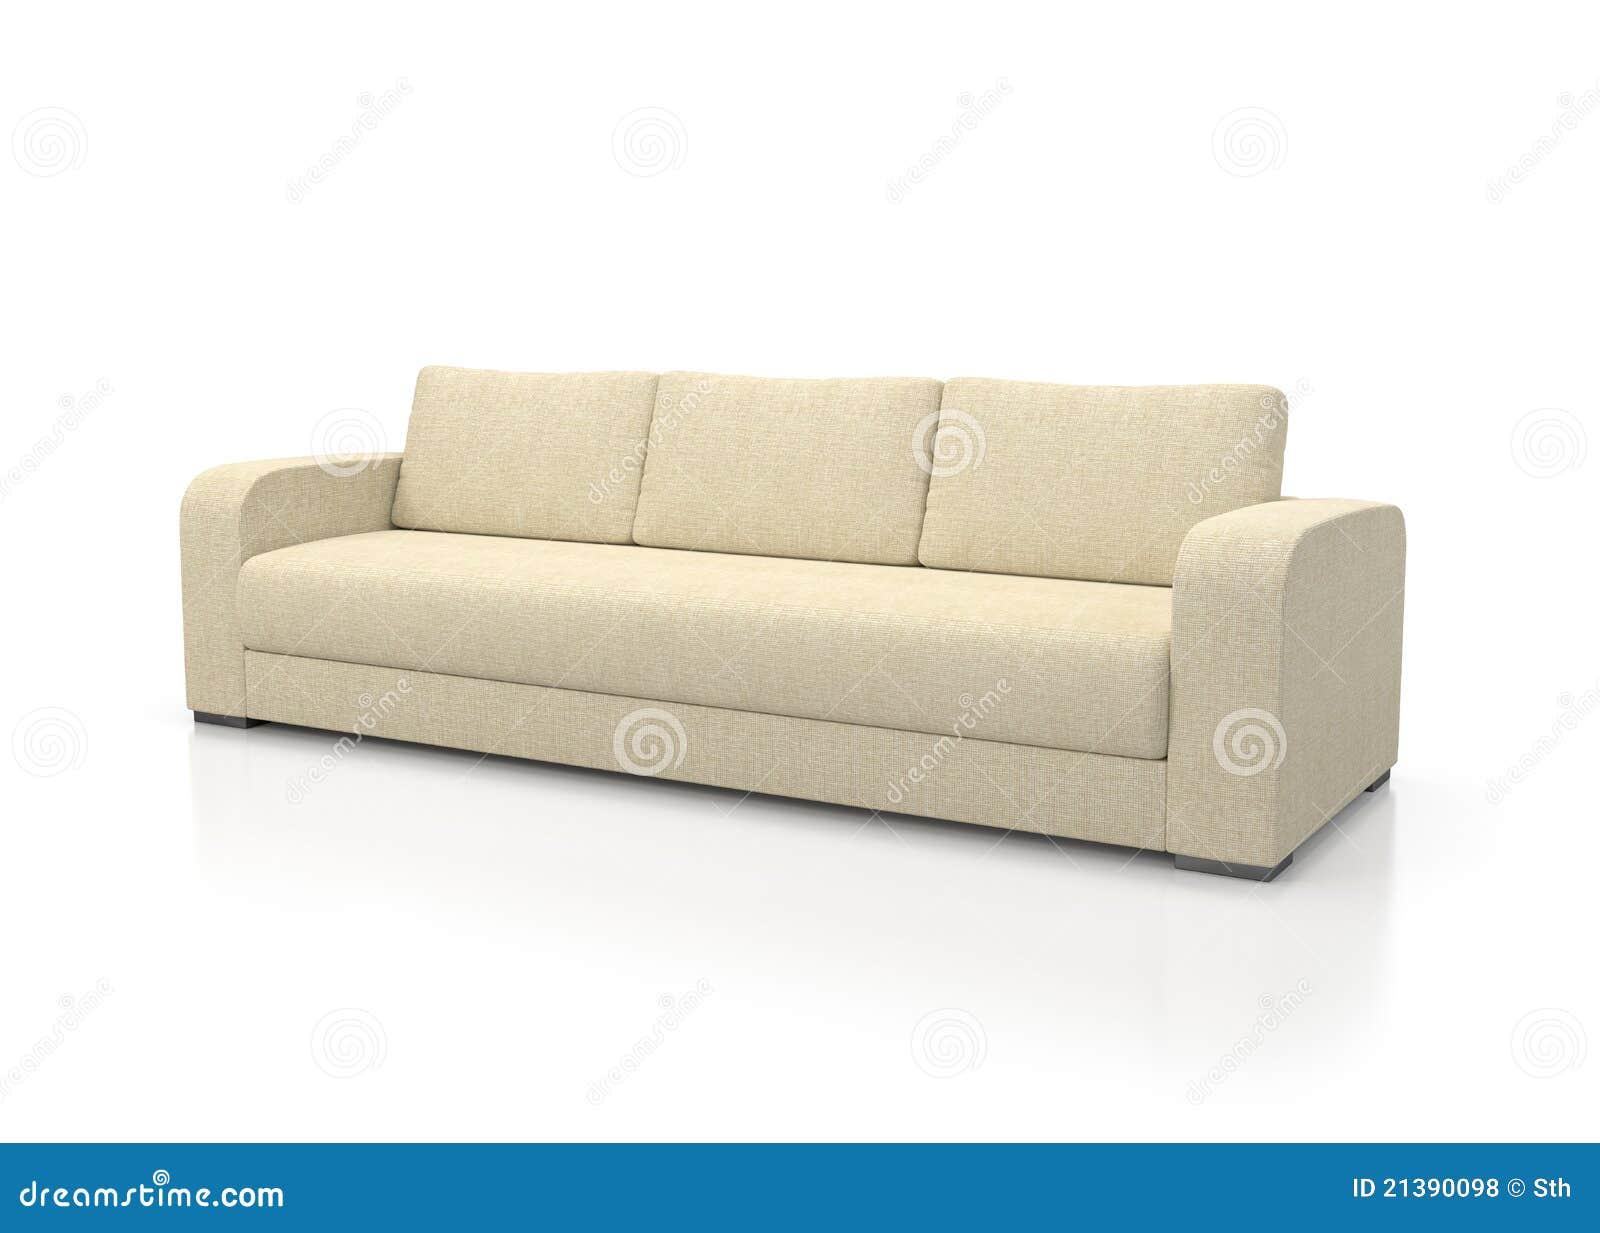 sofa moderne illustration stock illustration du. Black Bedroom Furniture Sets. Home Design Ideas